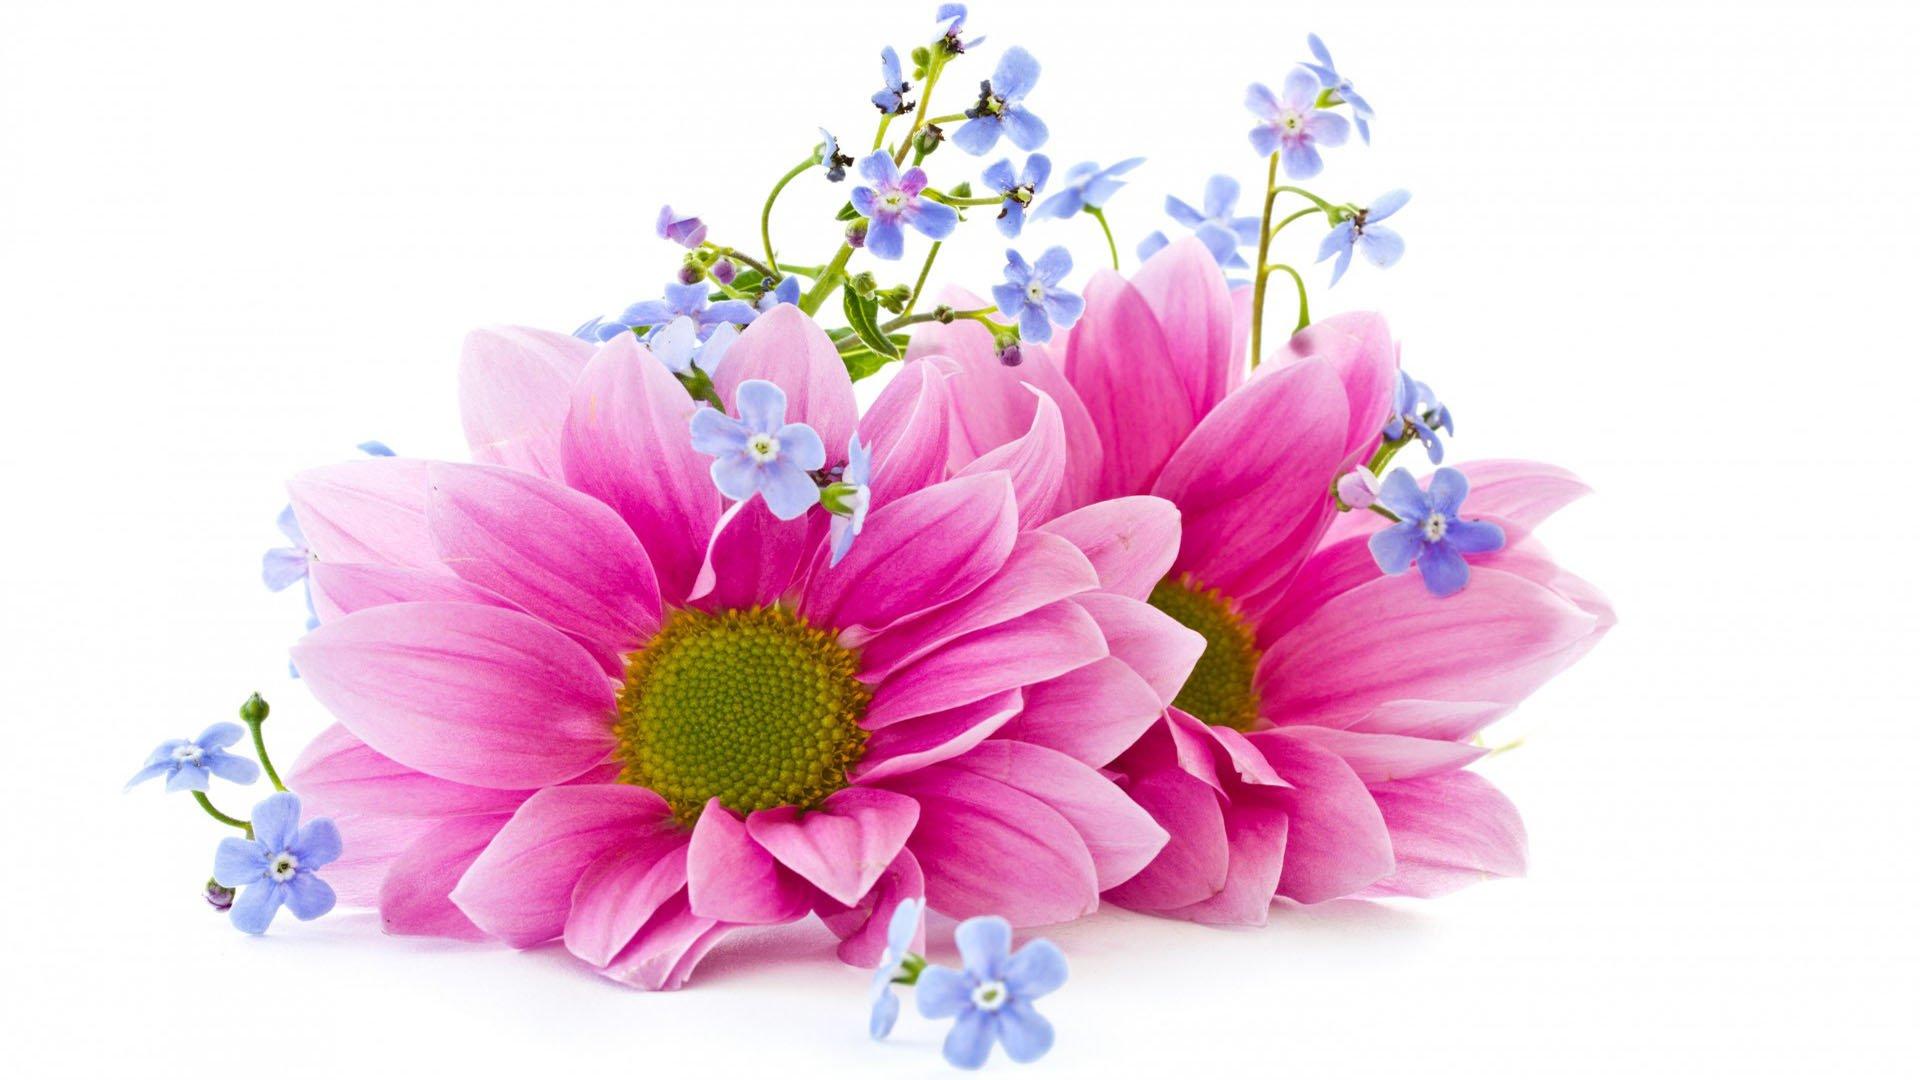 Цветы белые розы картинки 3